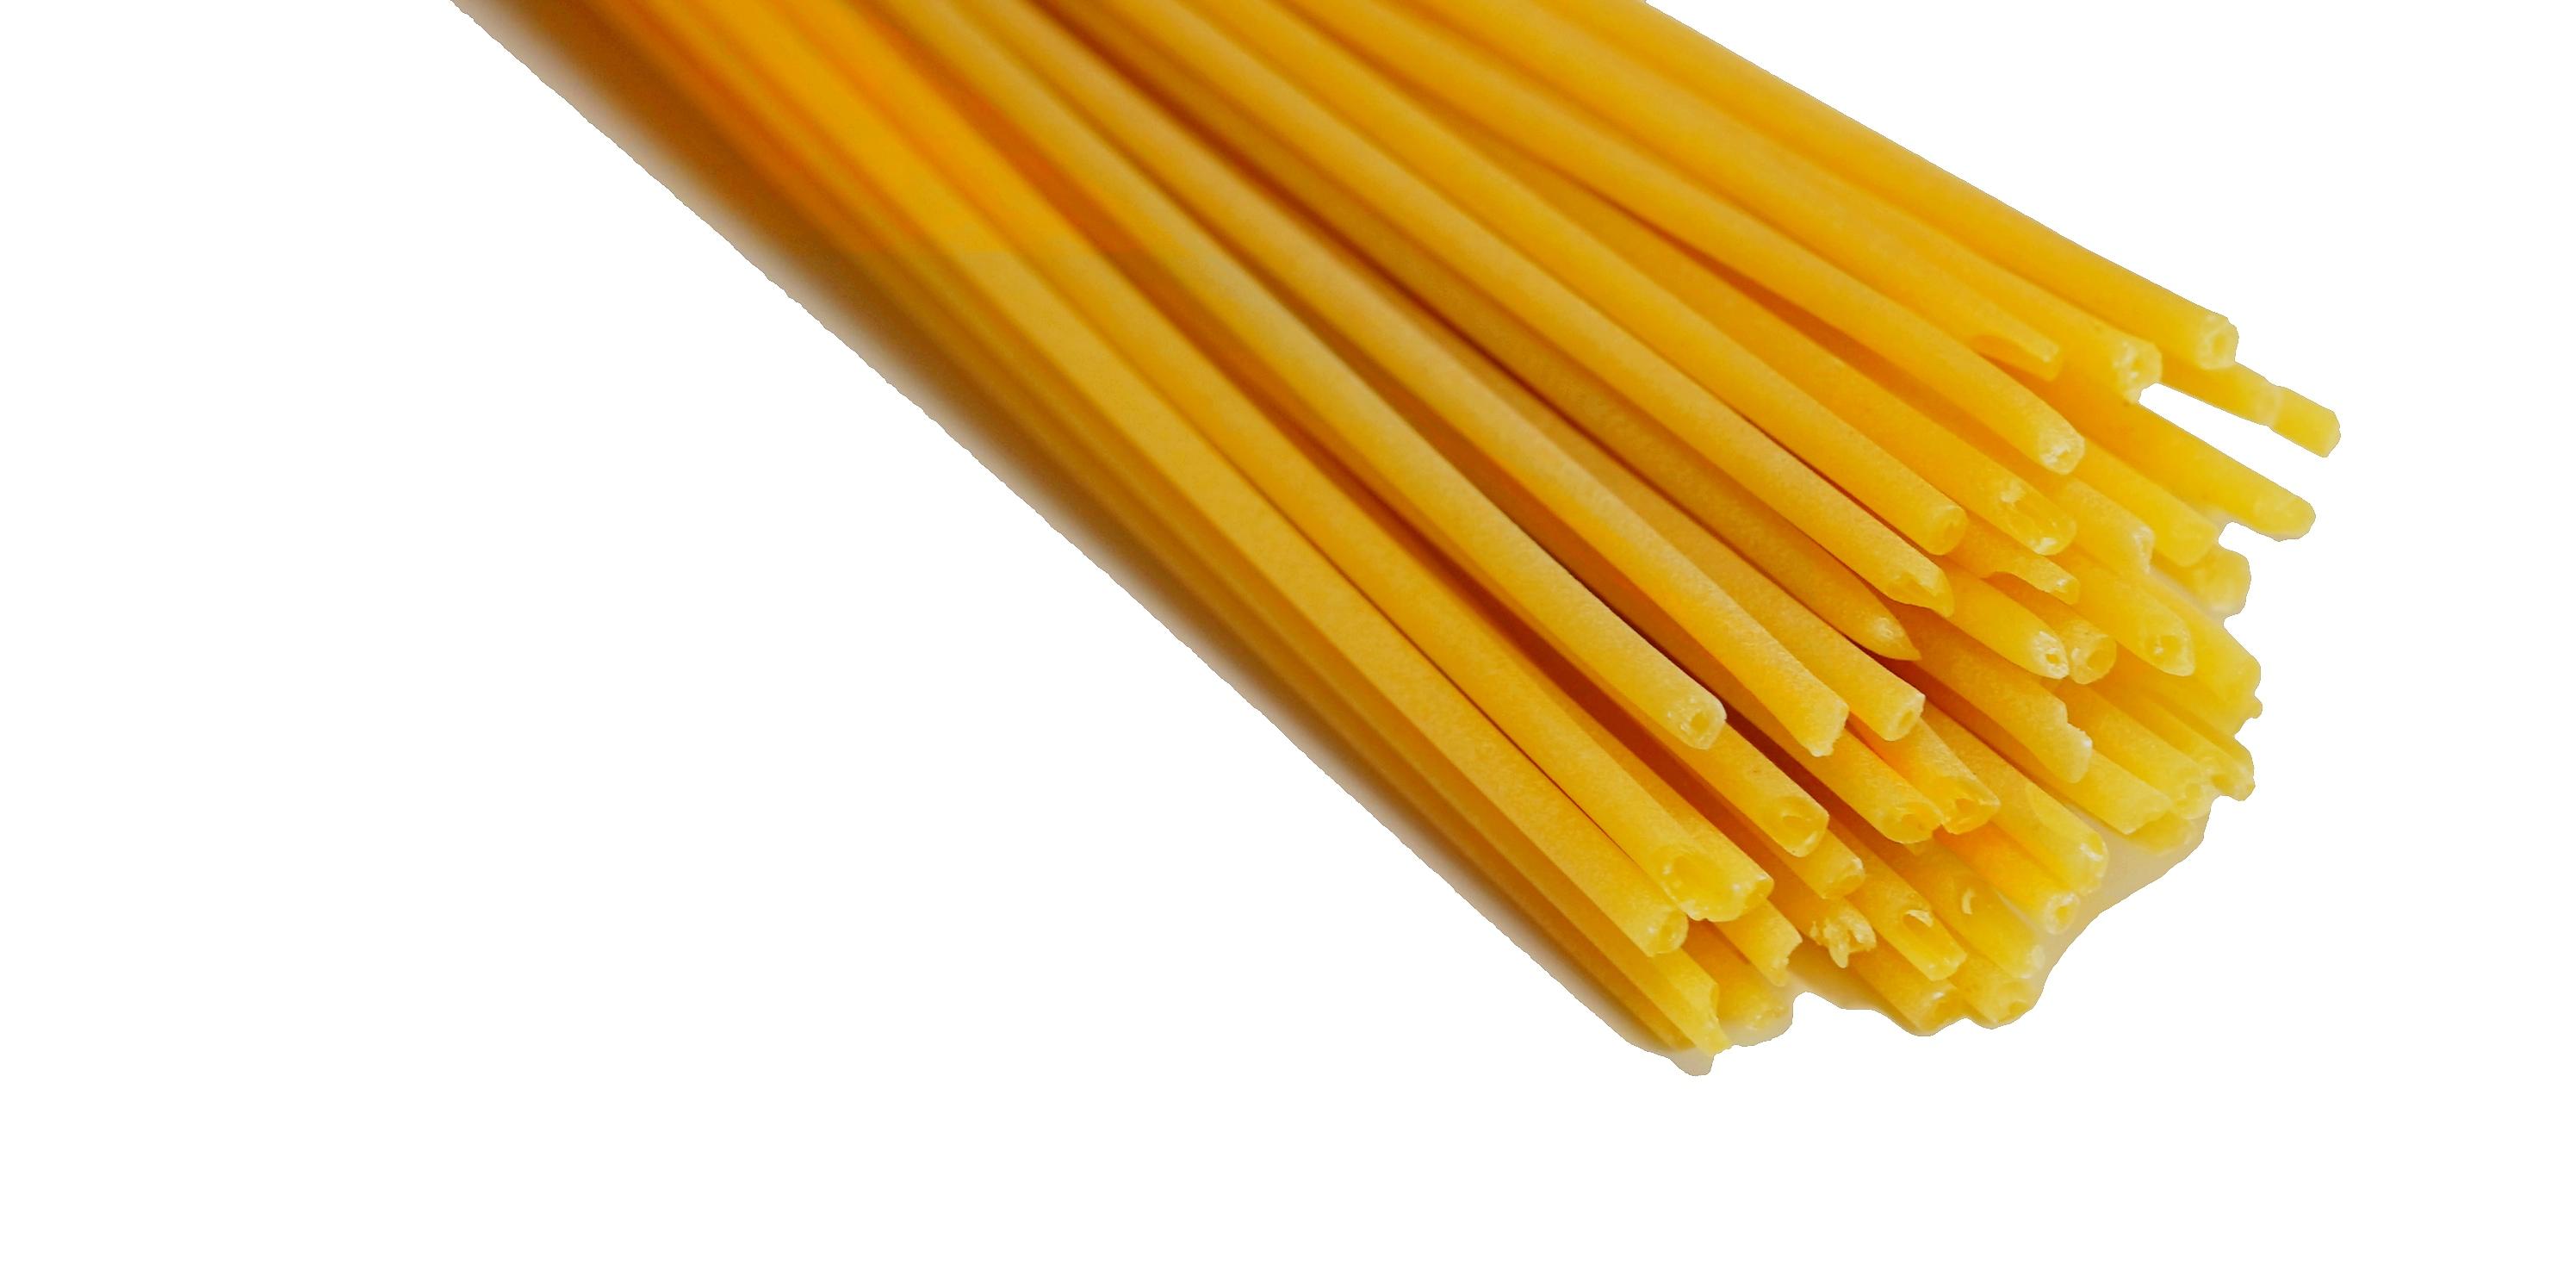 ブカティーニ(パスタ麺の種類)